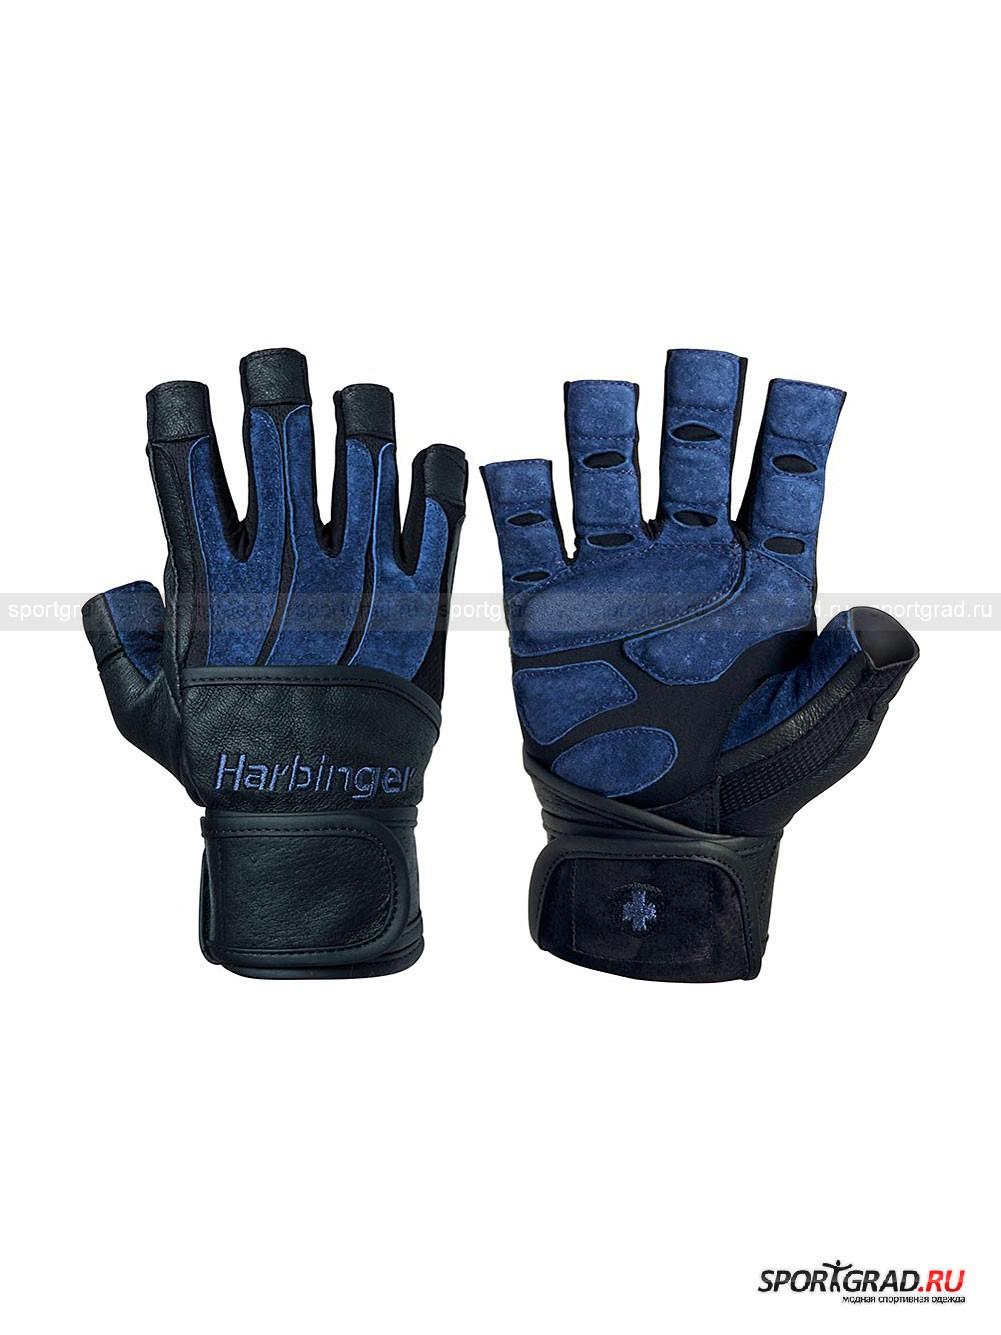 Перчатки мужские HARBINGER от Спортград